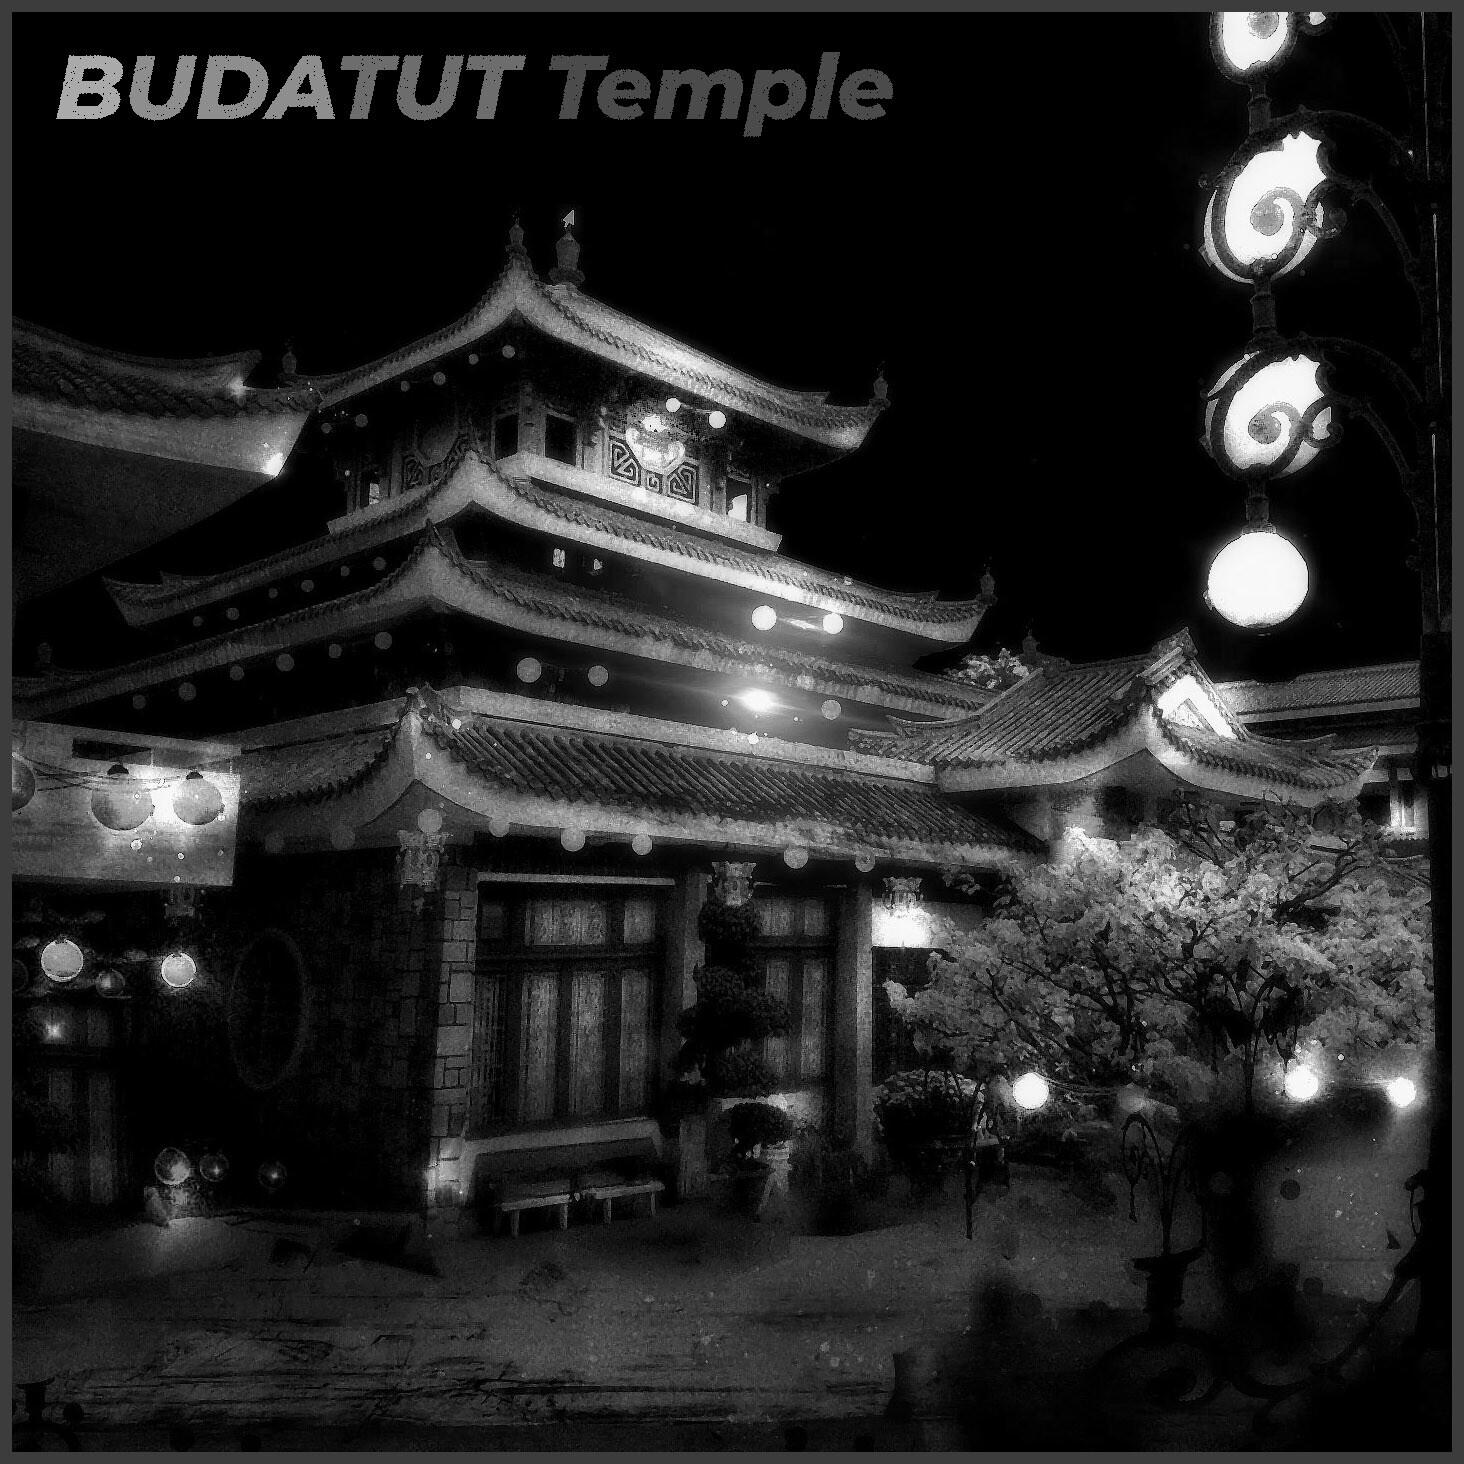 BUDATUT Temple